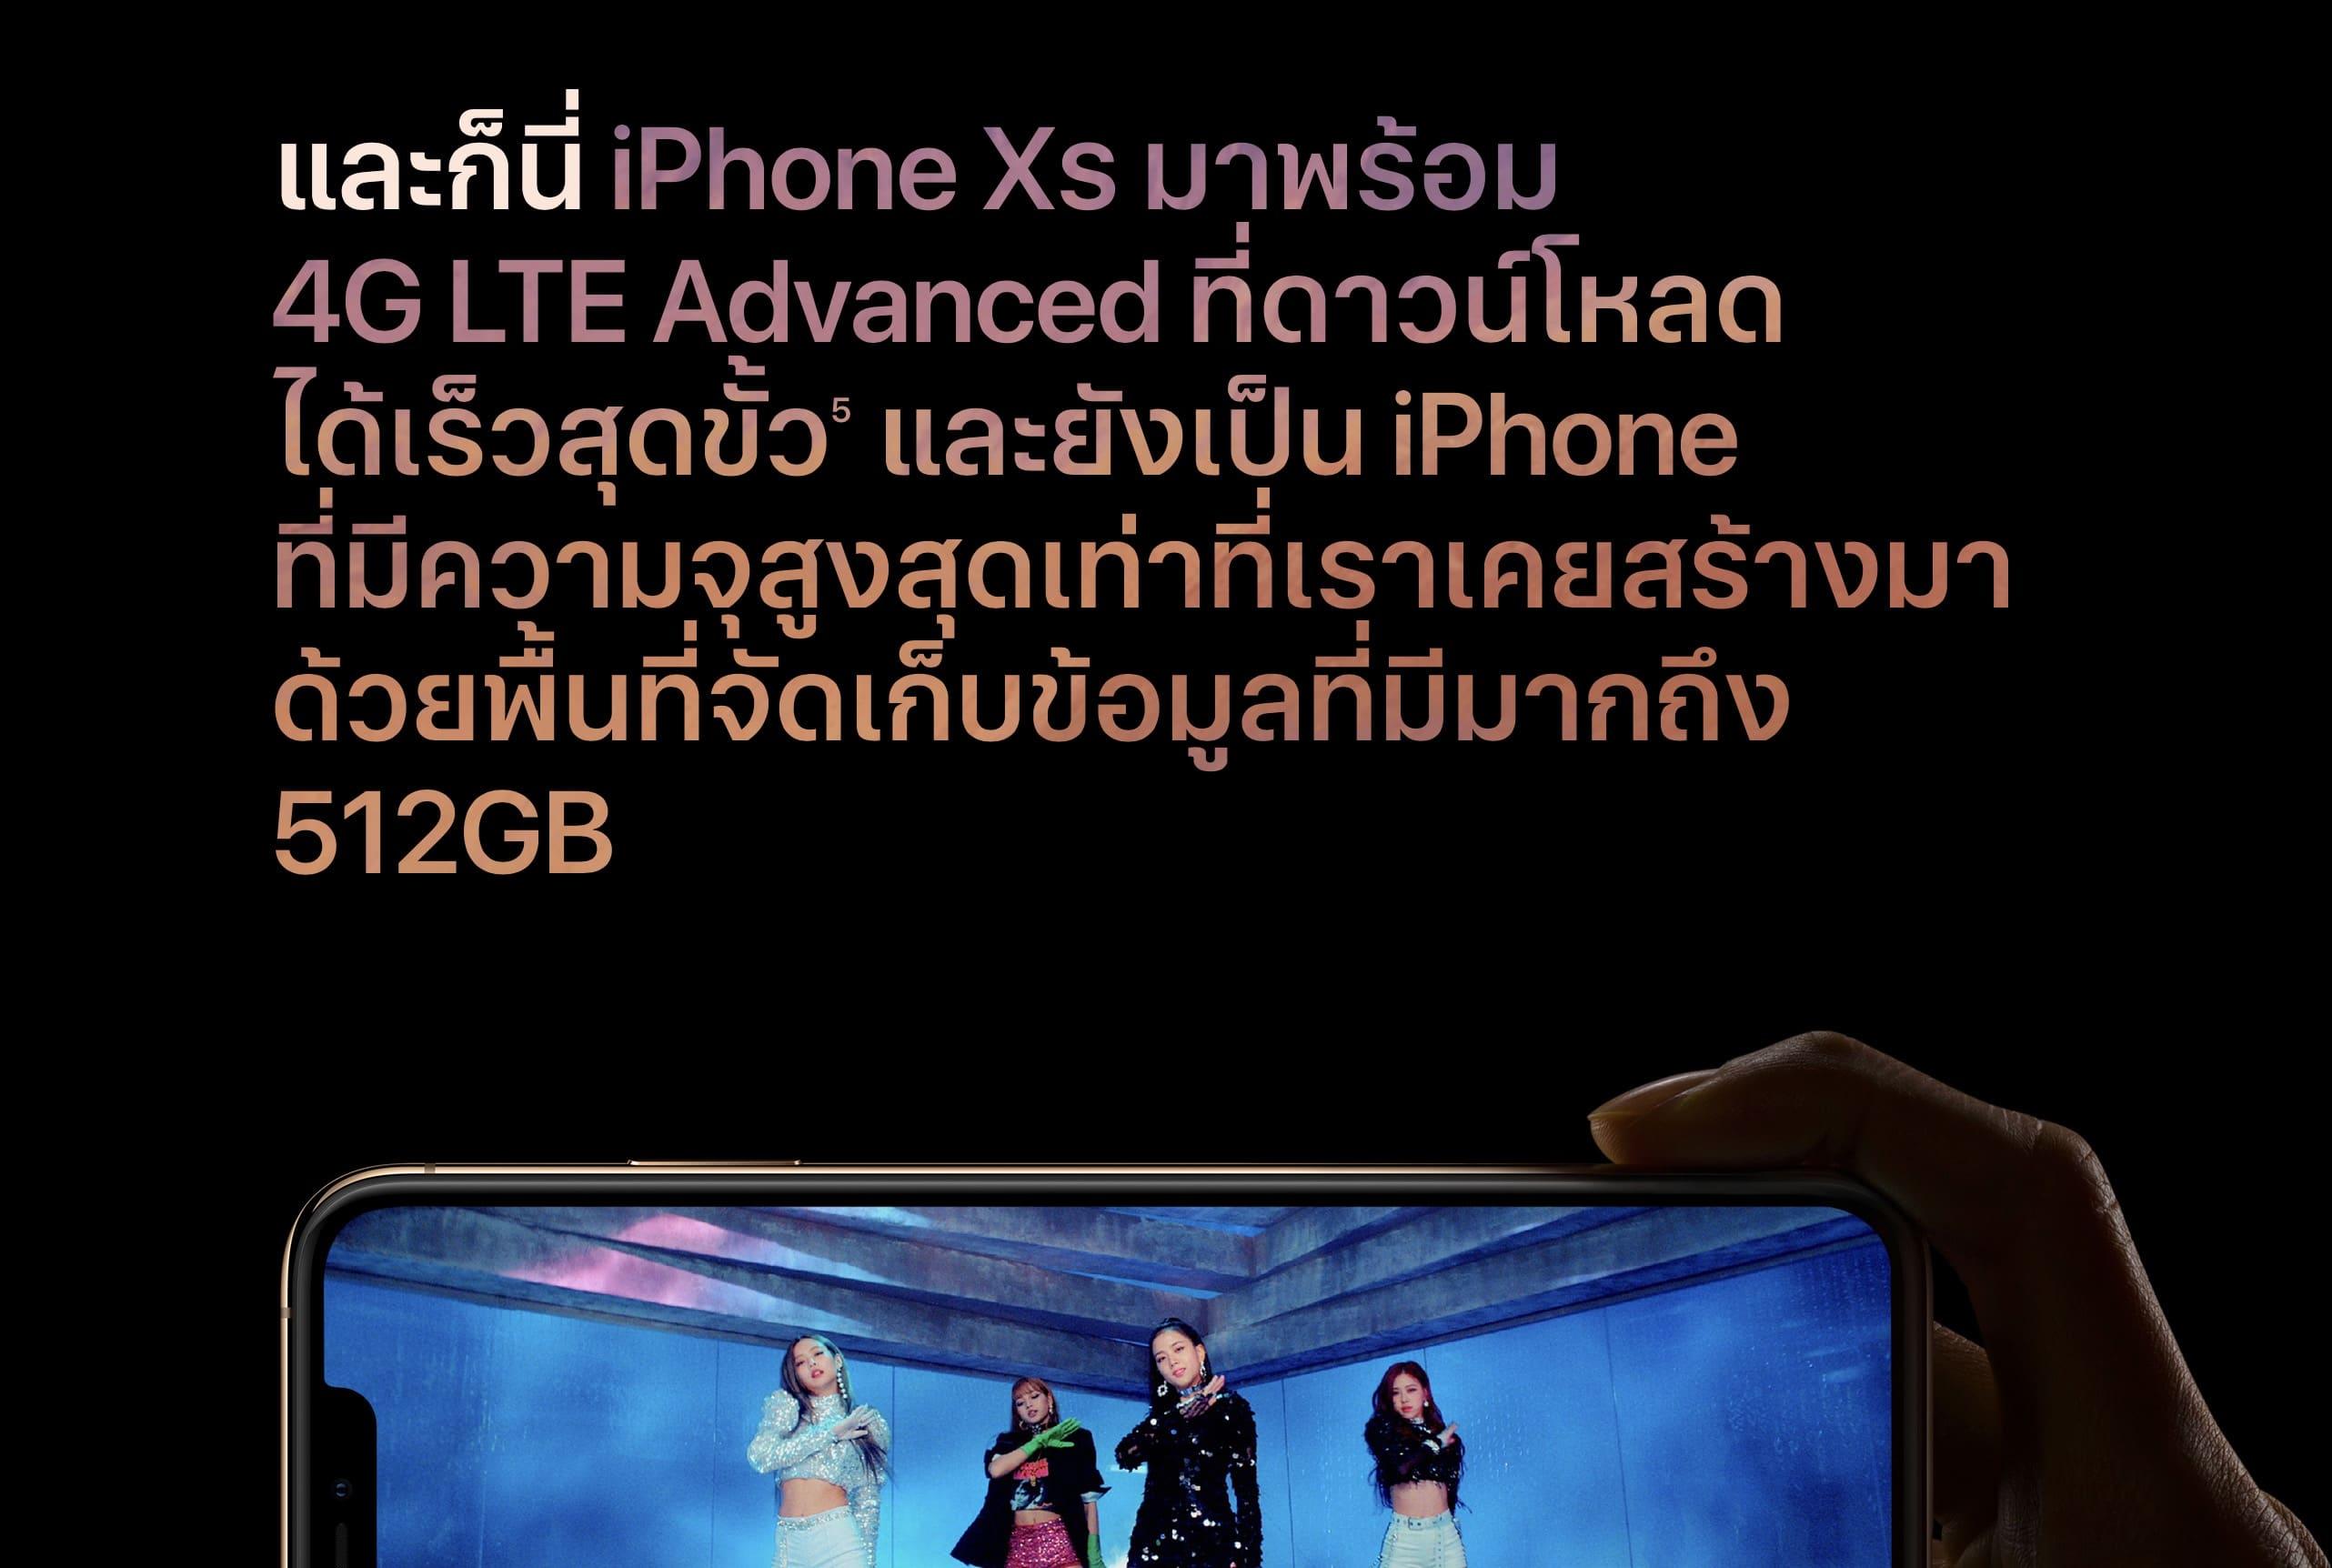 Iphone Xs Gigabit Lte